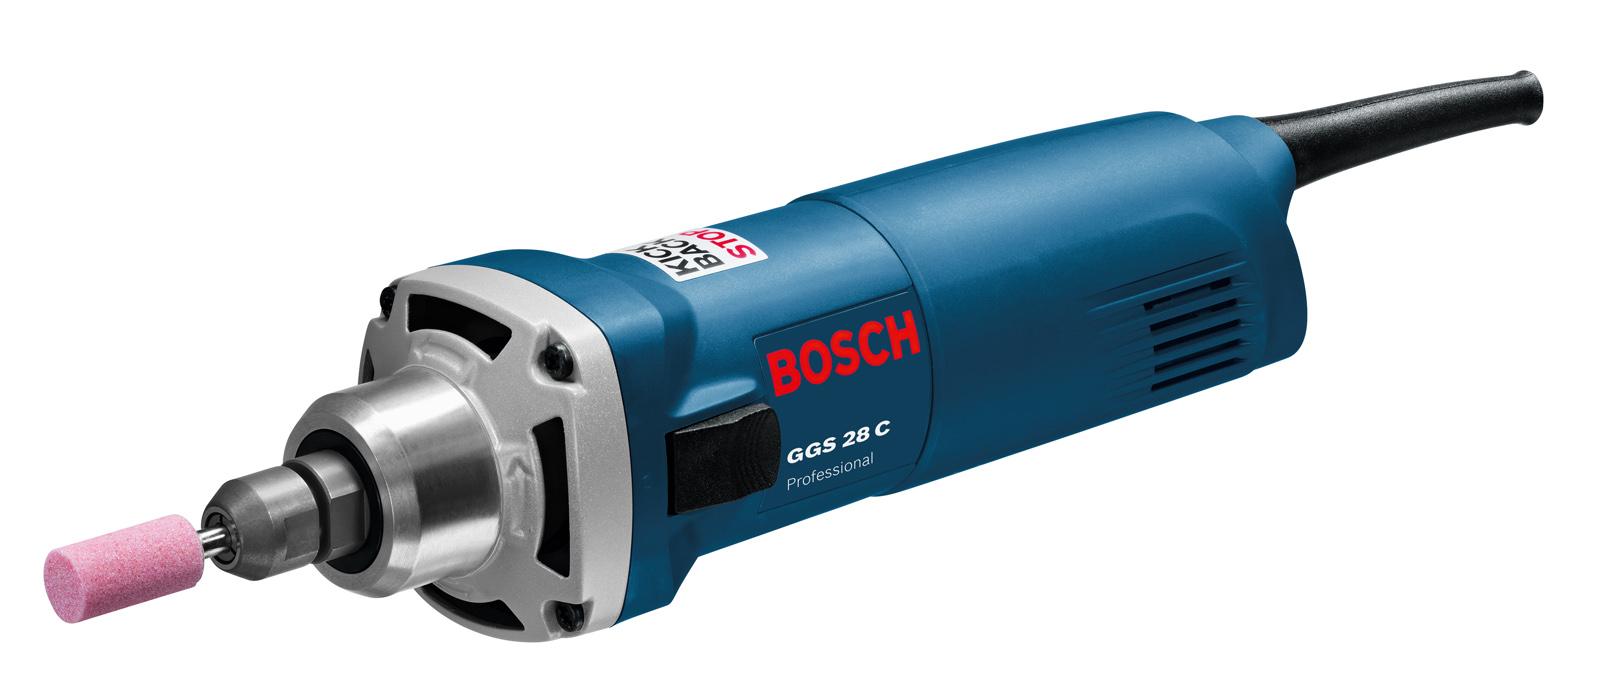 Купить Машинка шлифовальная прямая Bosch Ggs 28 c (0.601.220.000)